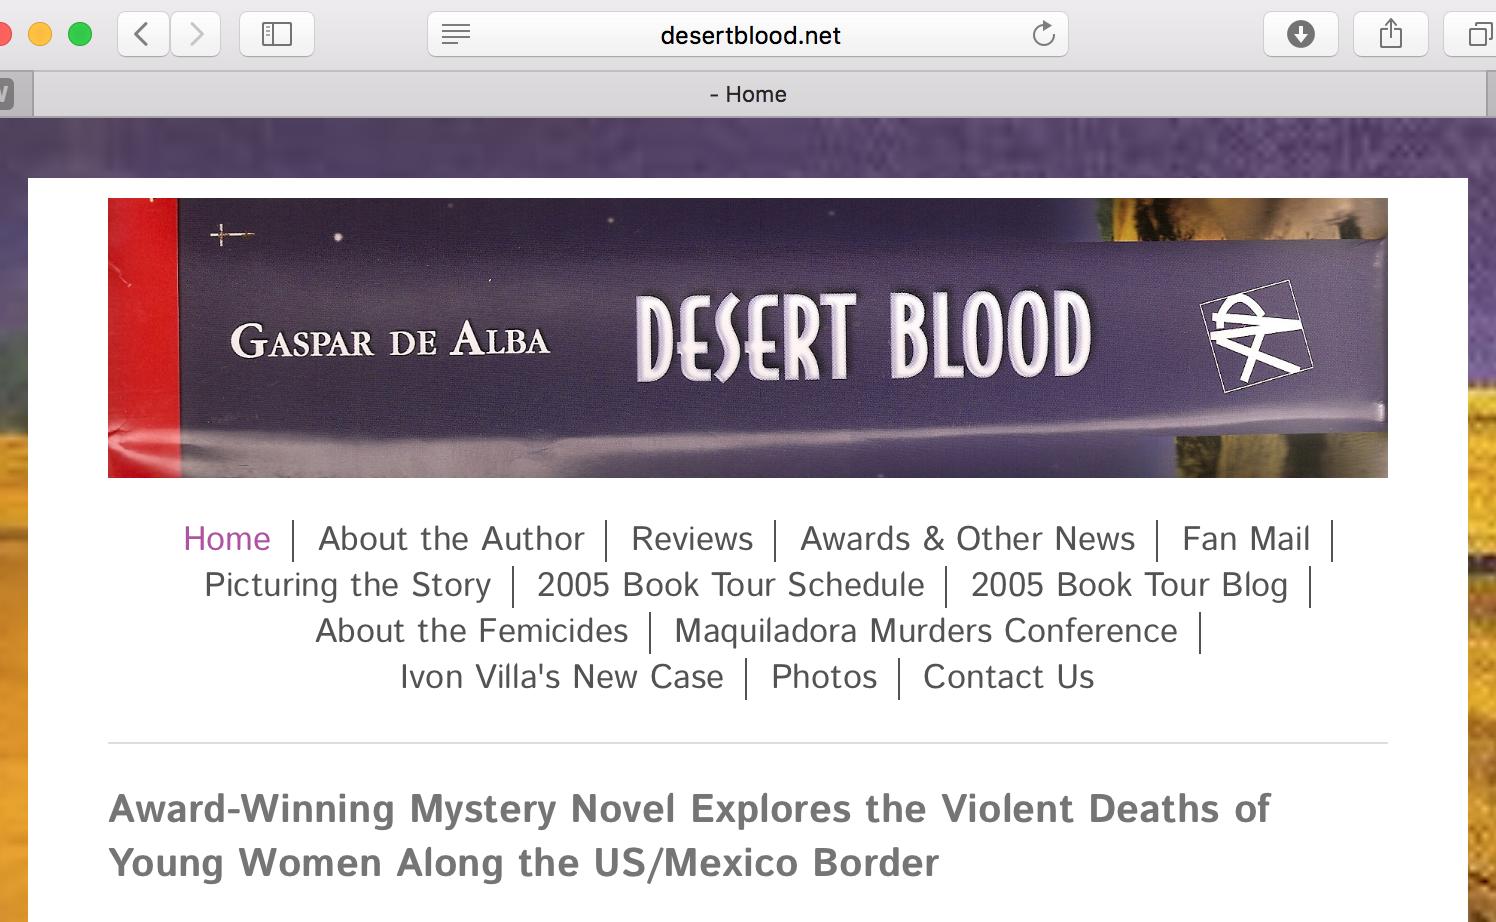 Morermation At Desert Blood Website At Desertblood